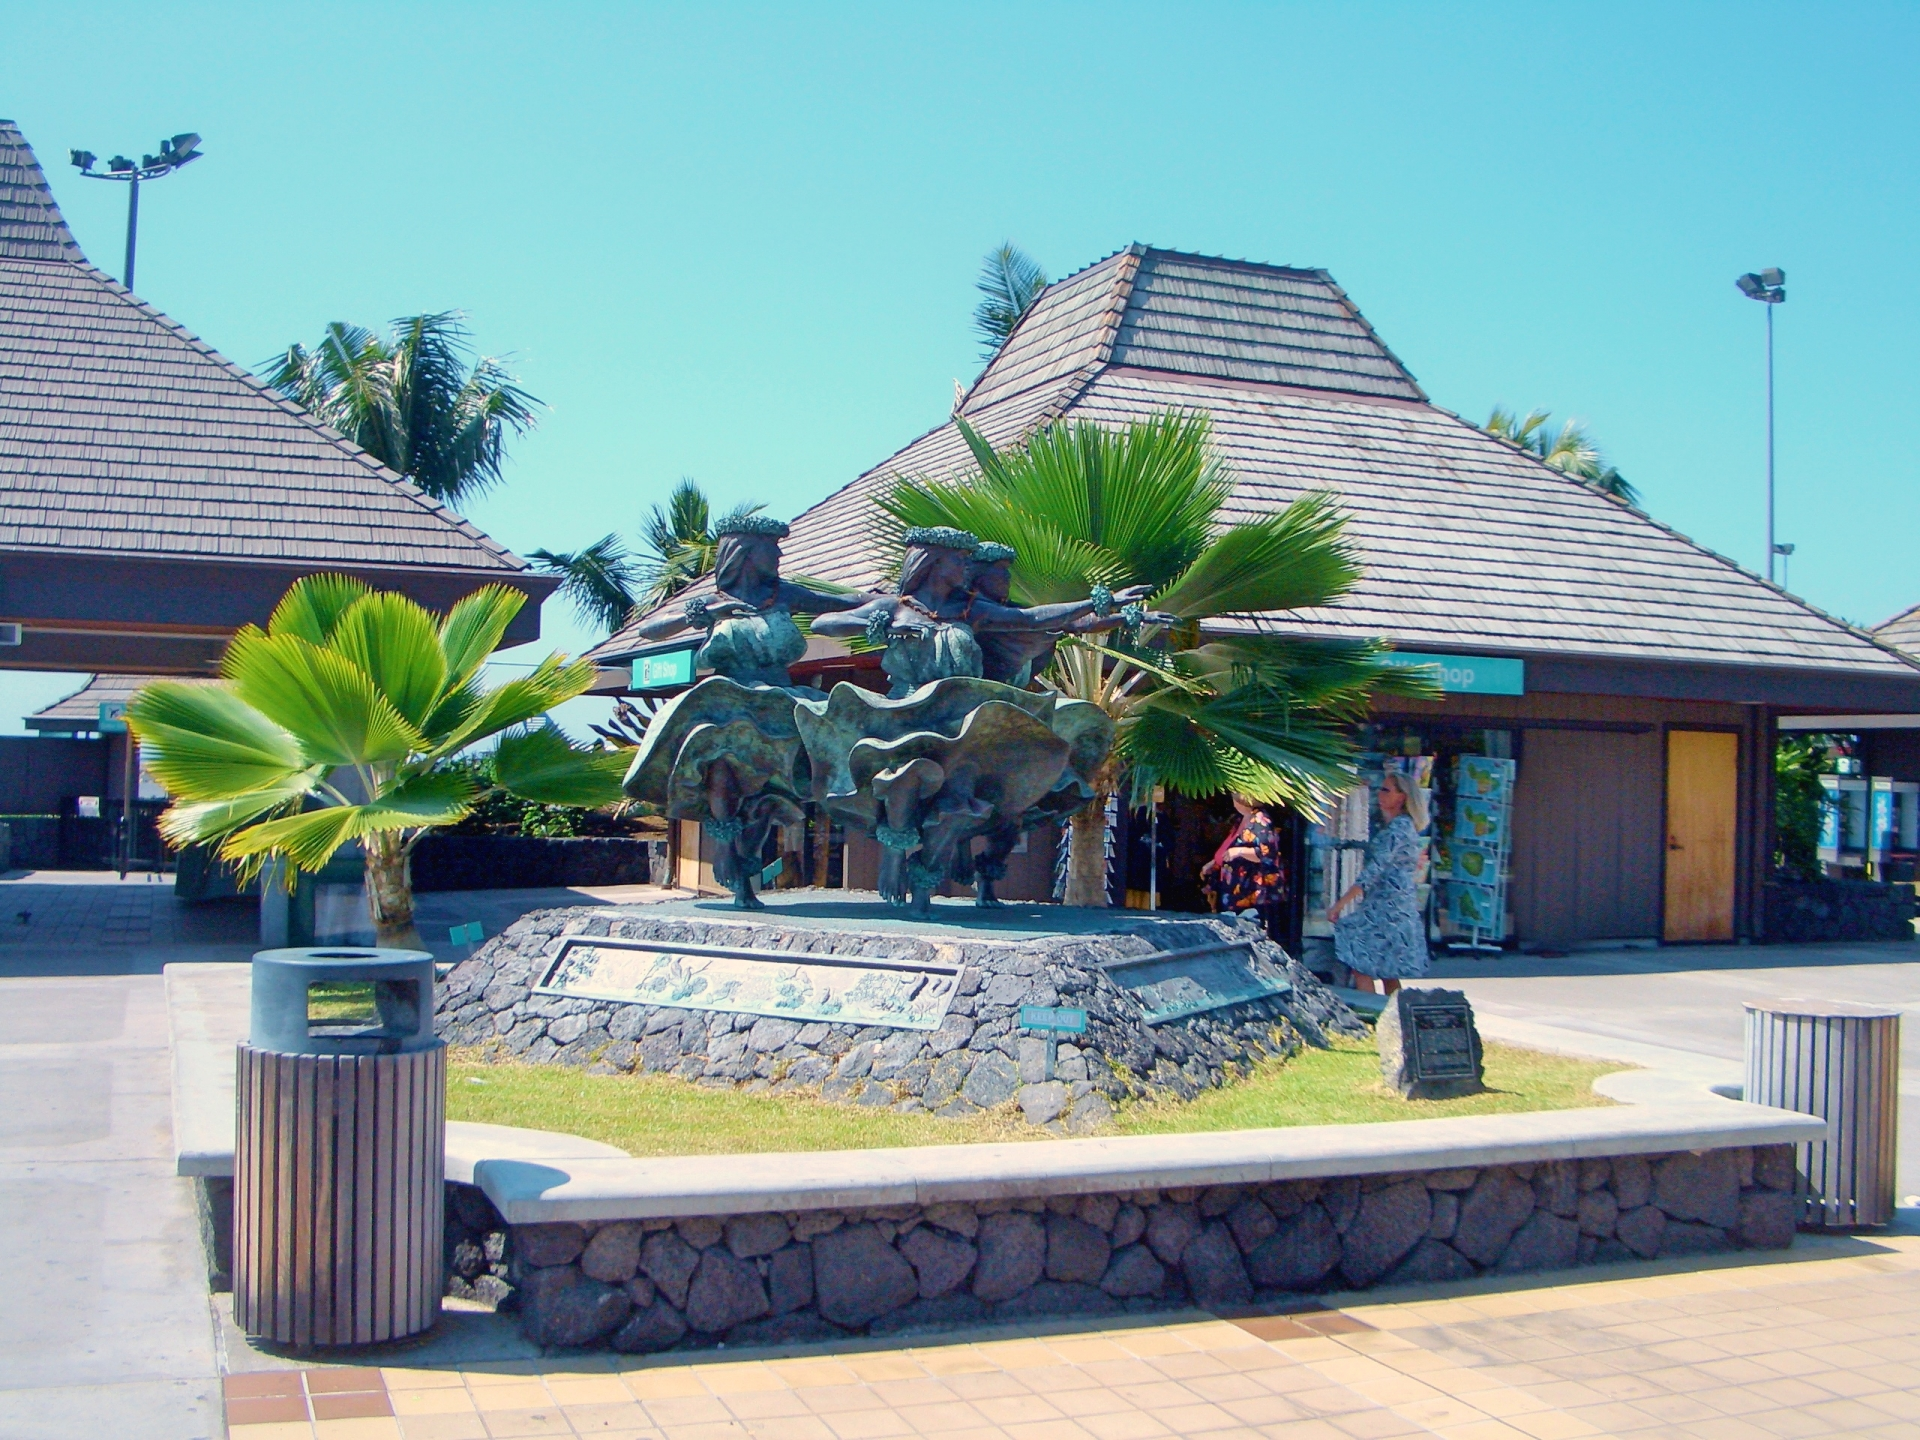 【ハワイ】コナ国際空港の過ごし方は?ラウンジや免税店売り場もチェック!